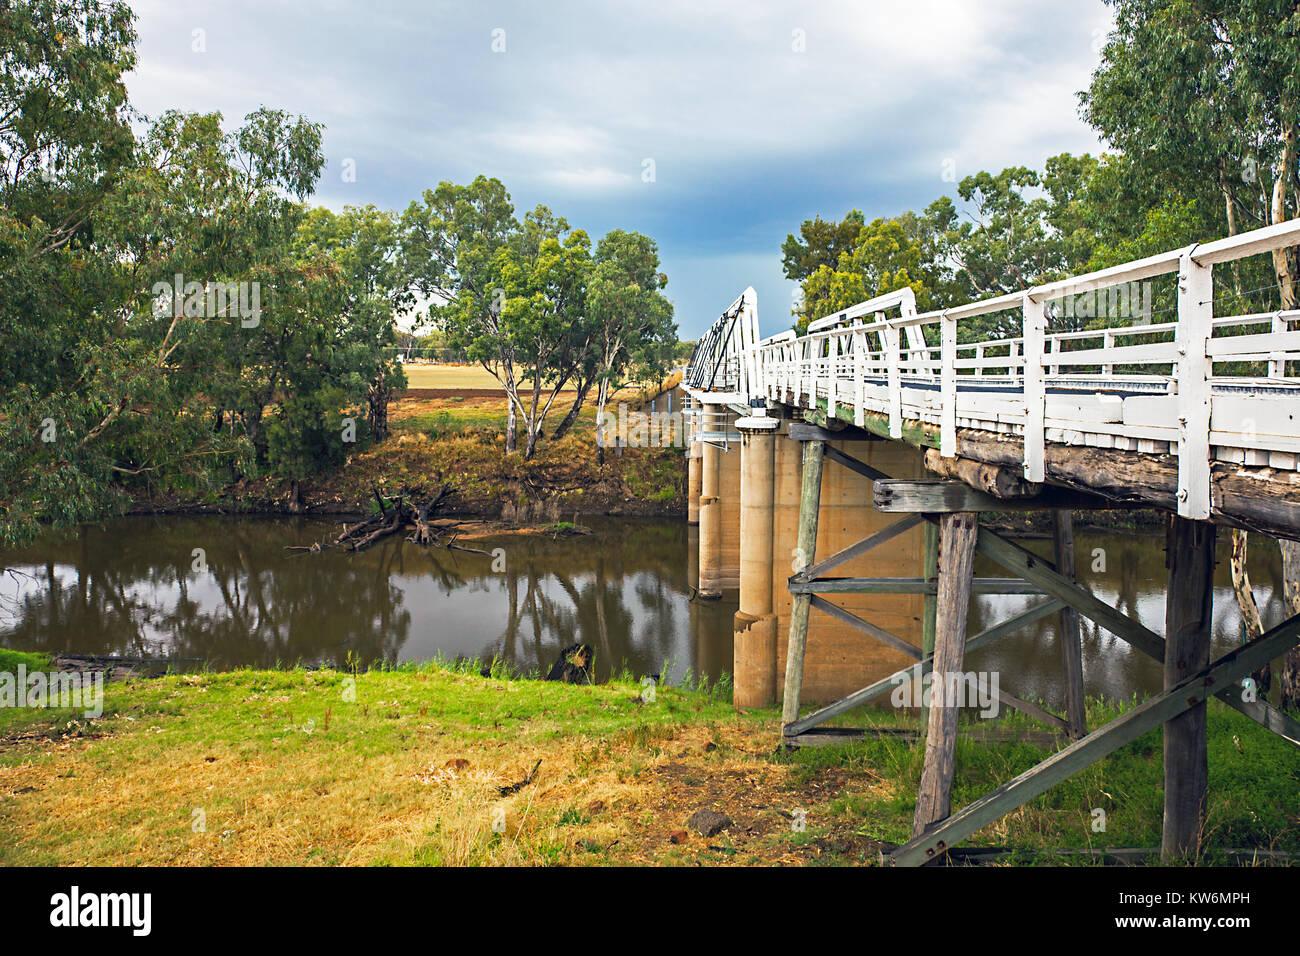 Rawsonville Bridge over the Macquarie River near Dubbo Australia Stock Photo